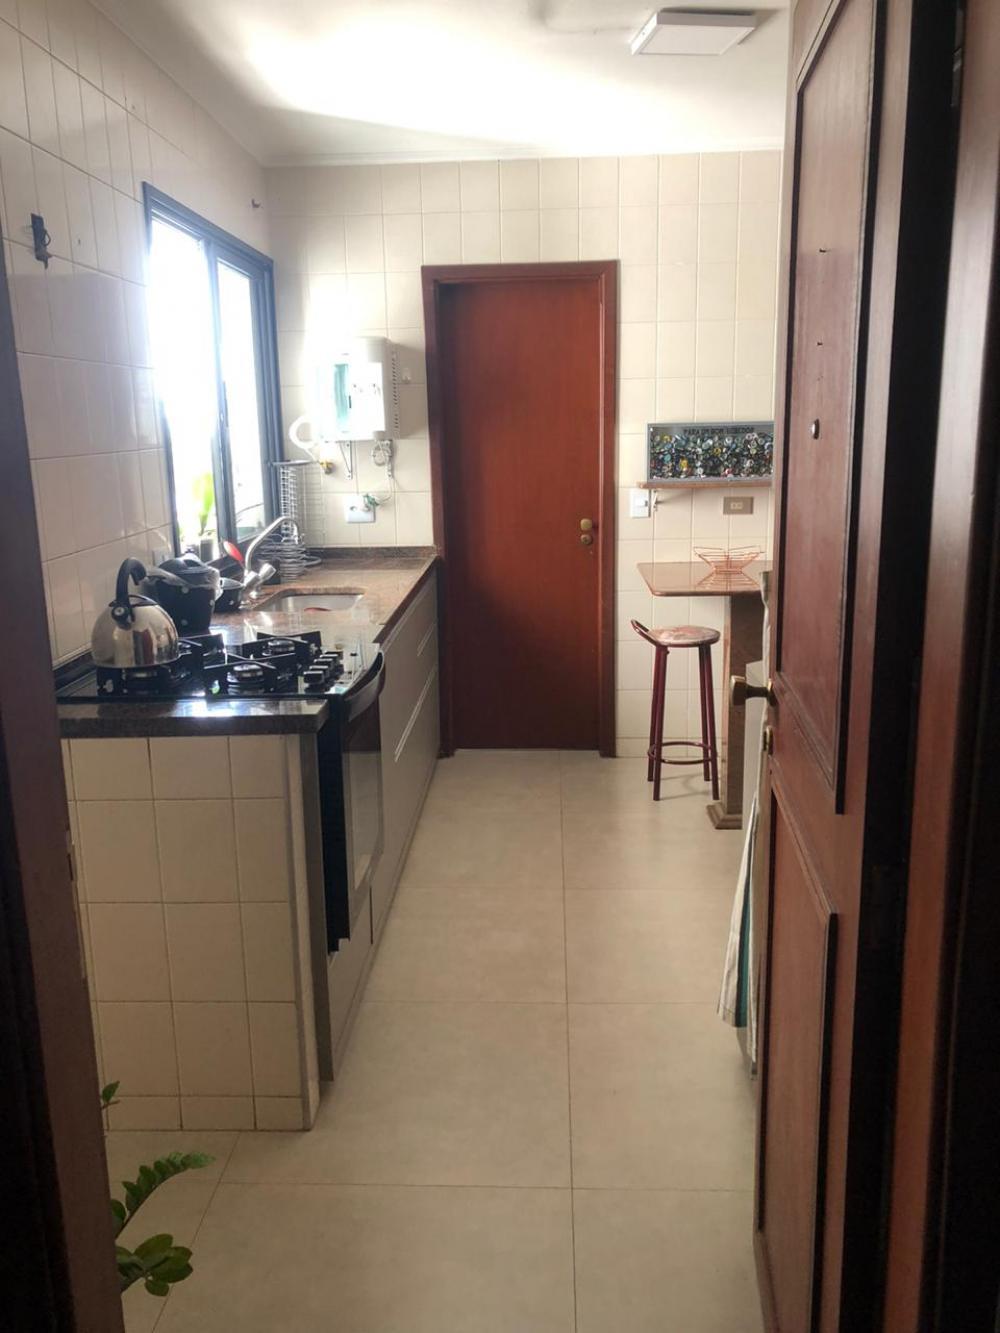 Apartamento no  bairro São Dimas, próximo à ESALQ com 116, 94 m² de área útil distribuídos em sala dois ambientes, 3 dormitórios com armários sendo 1 suíte com sacada, banheiro social com gabinete e box de vidro, cozinha planejada, área de serviço com banheiro e 1 vaga de garagem. Condomínio com salão de festas, salão de jogos.  Aceita financiamento e FGTS.